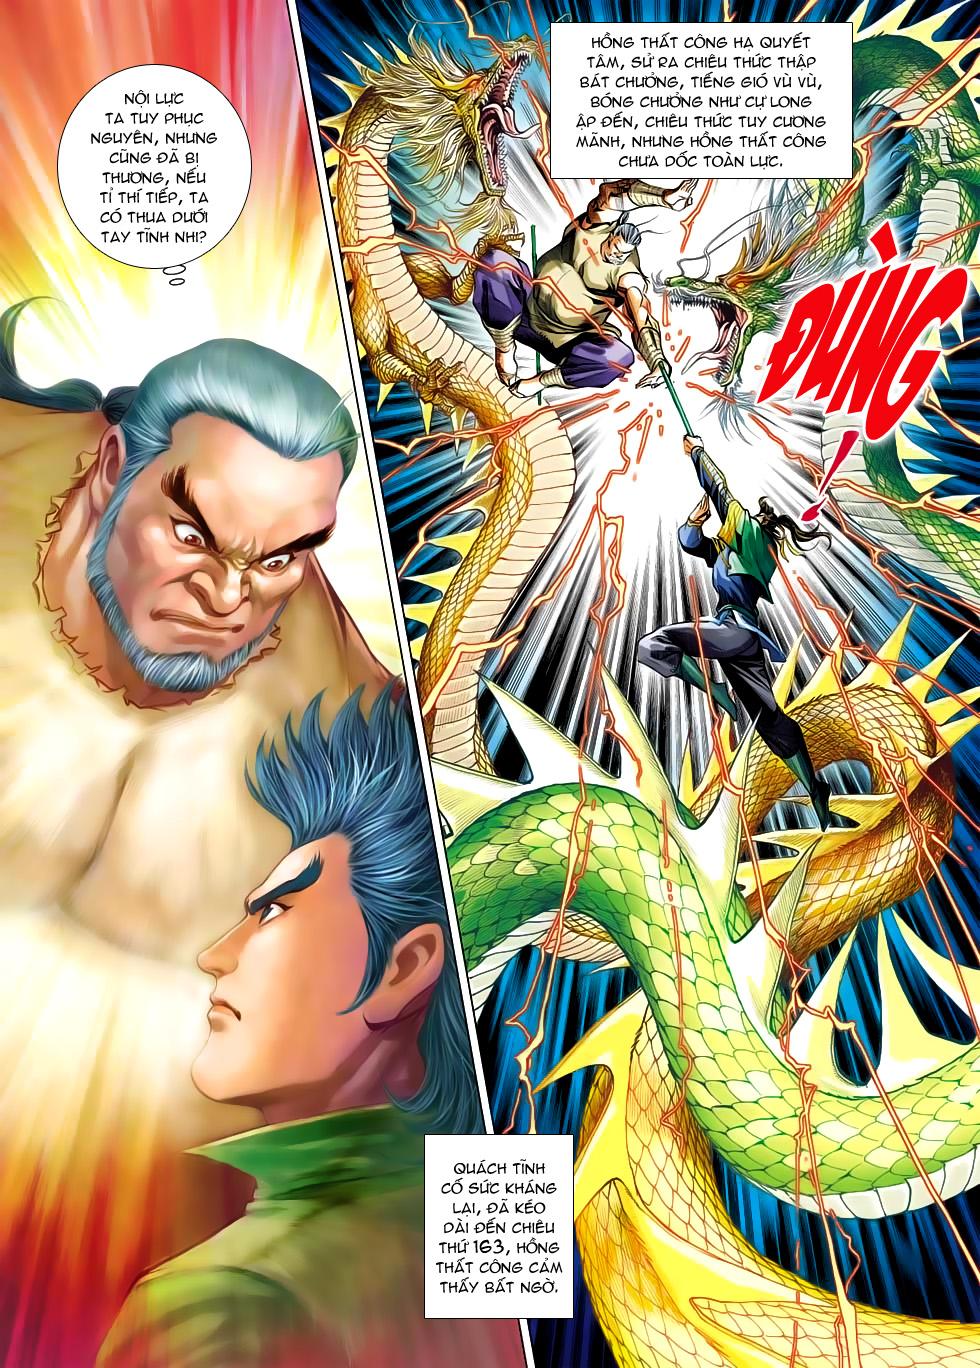 Xạ Điêu Anh Hùng Truyện chap 100 – End Trang 11 - Mangak.info